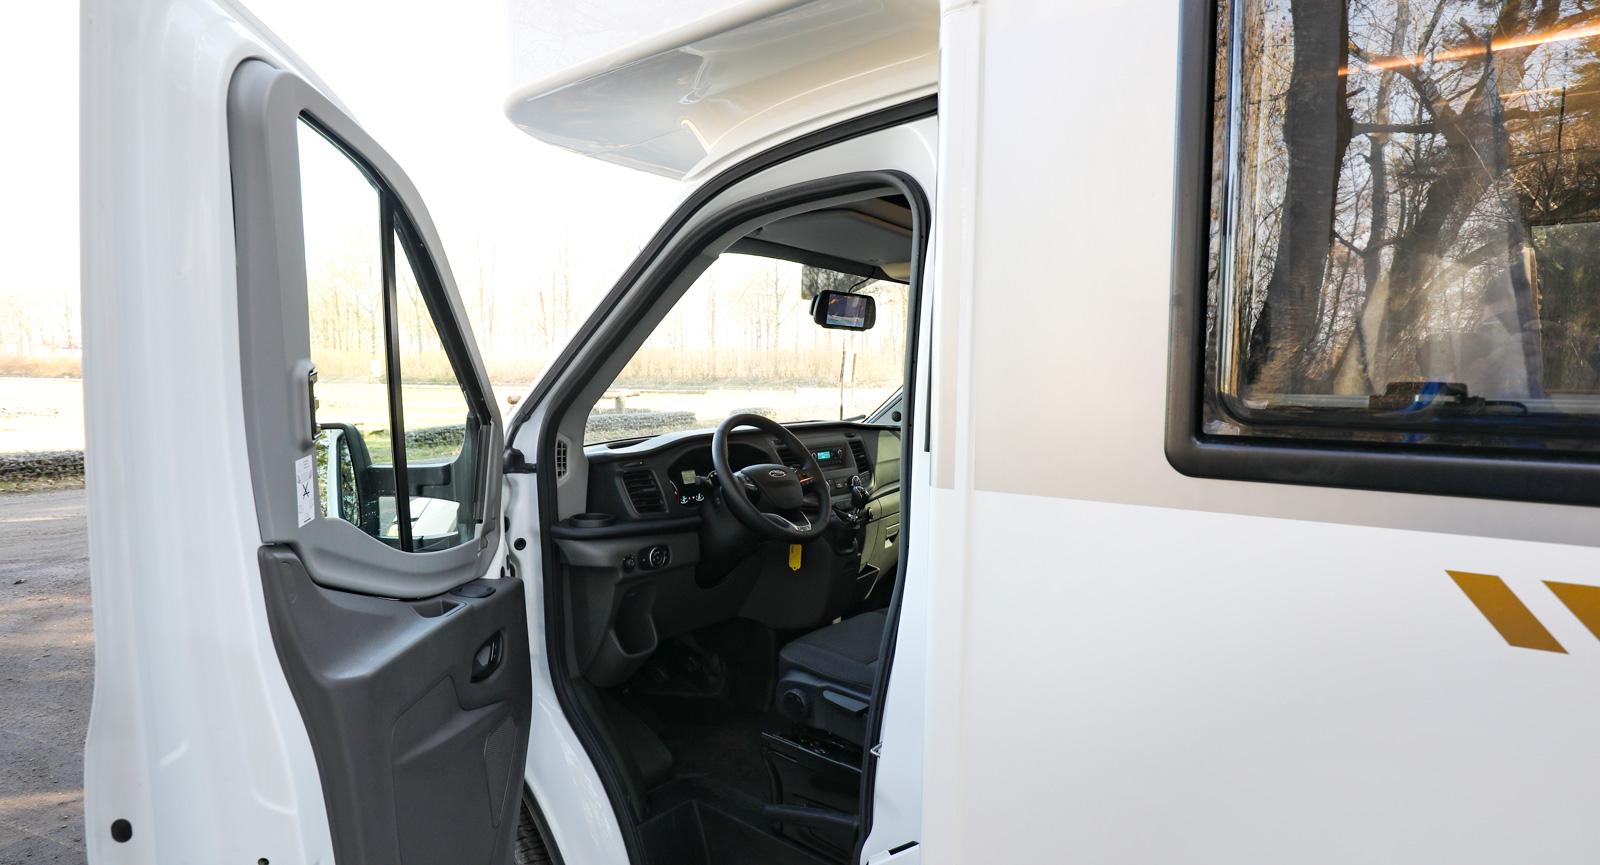 Dörrarna öppnas betydligt mindre i Ford-varianten än i Fiat-modellen.